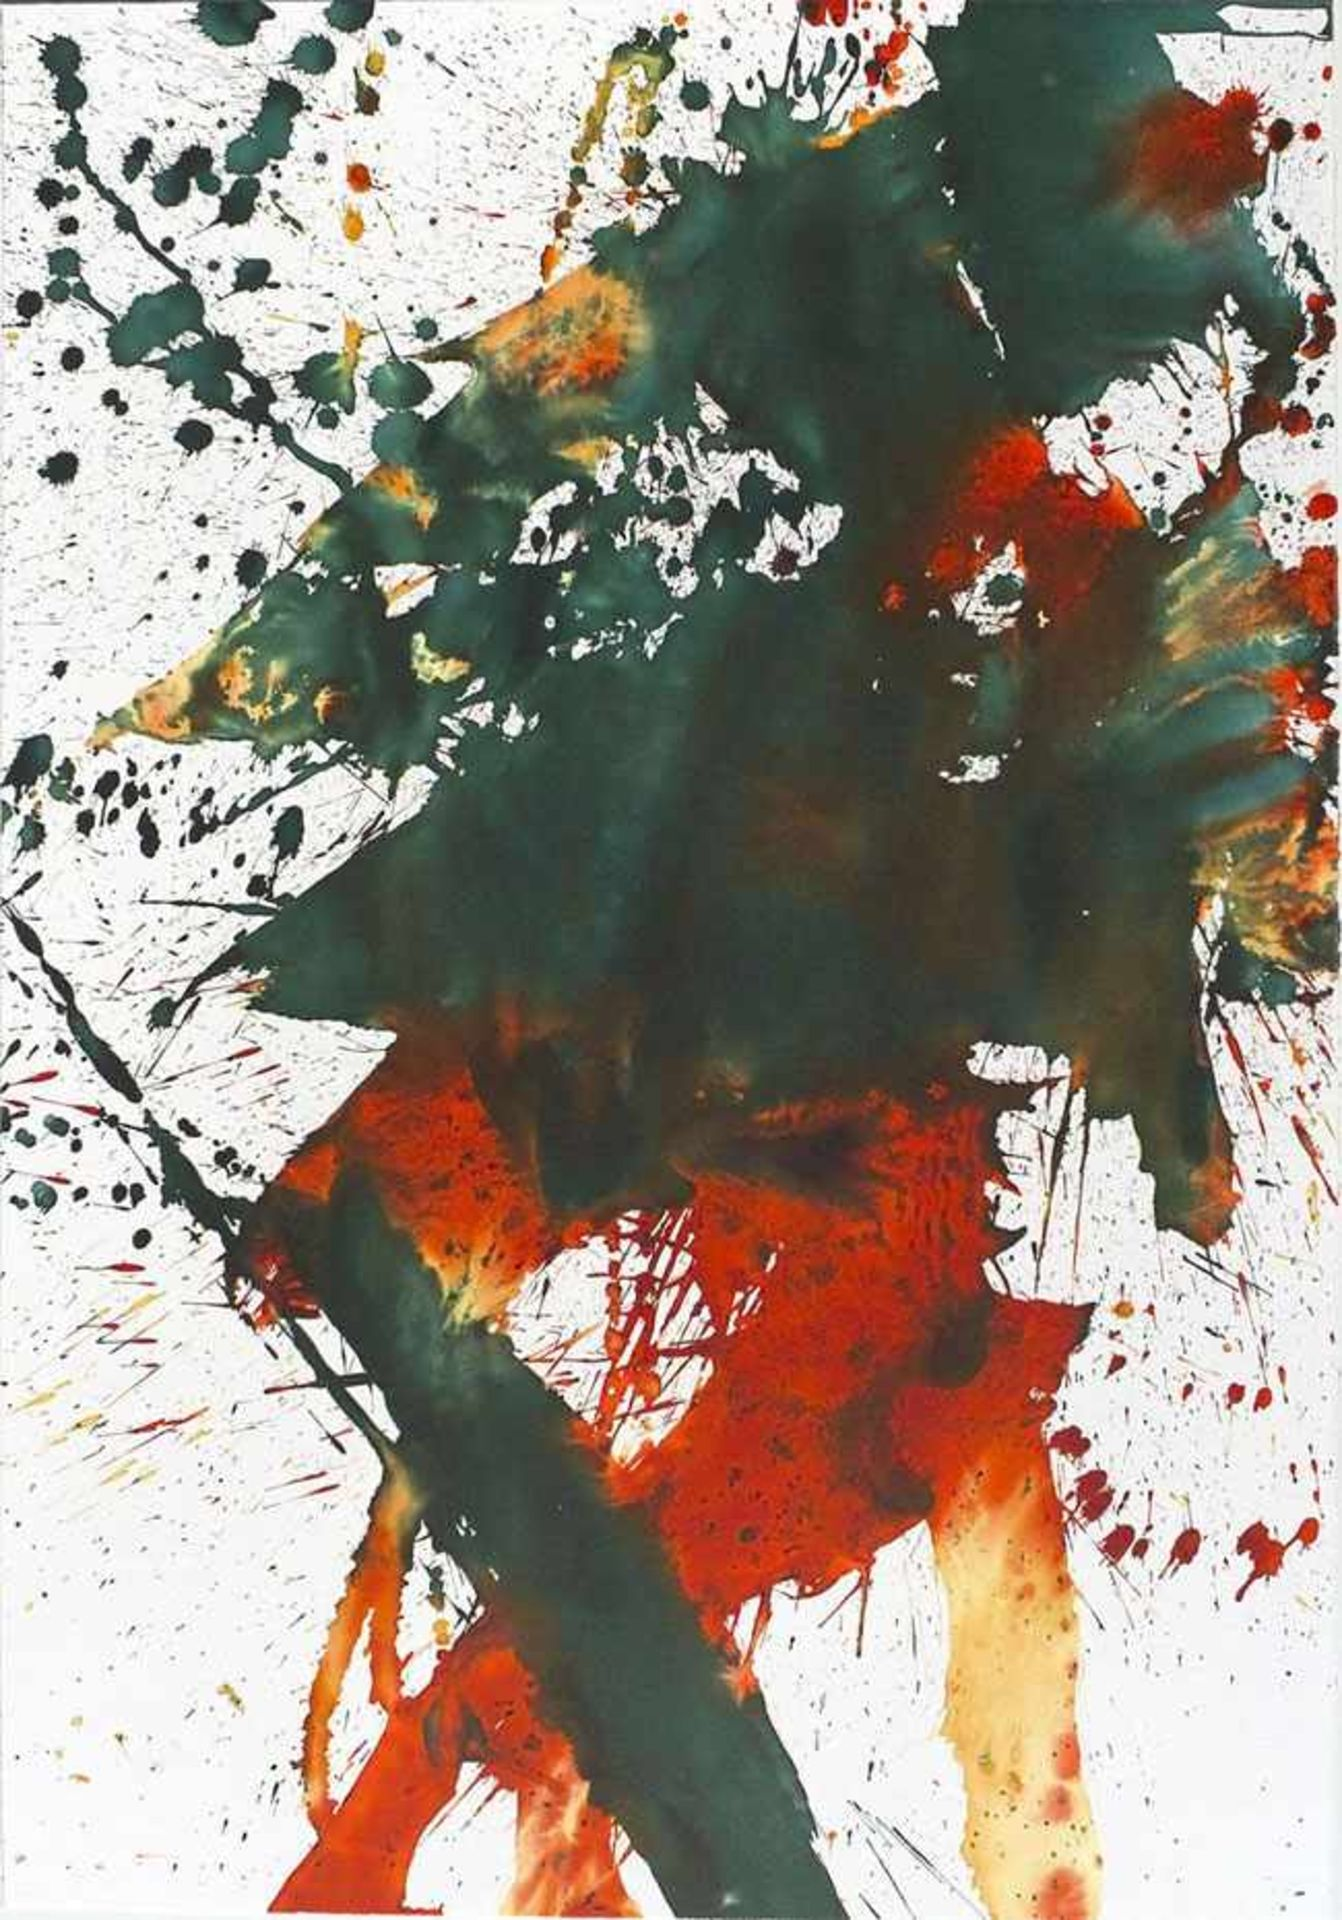 Los 33 - Grabmayr Franz (1927-2015) Tanzbild 2013 Farblithographie handsigniert und nummeriert rückseitig,